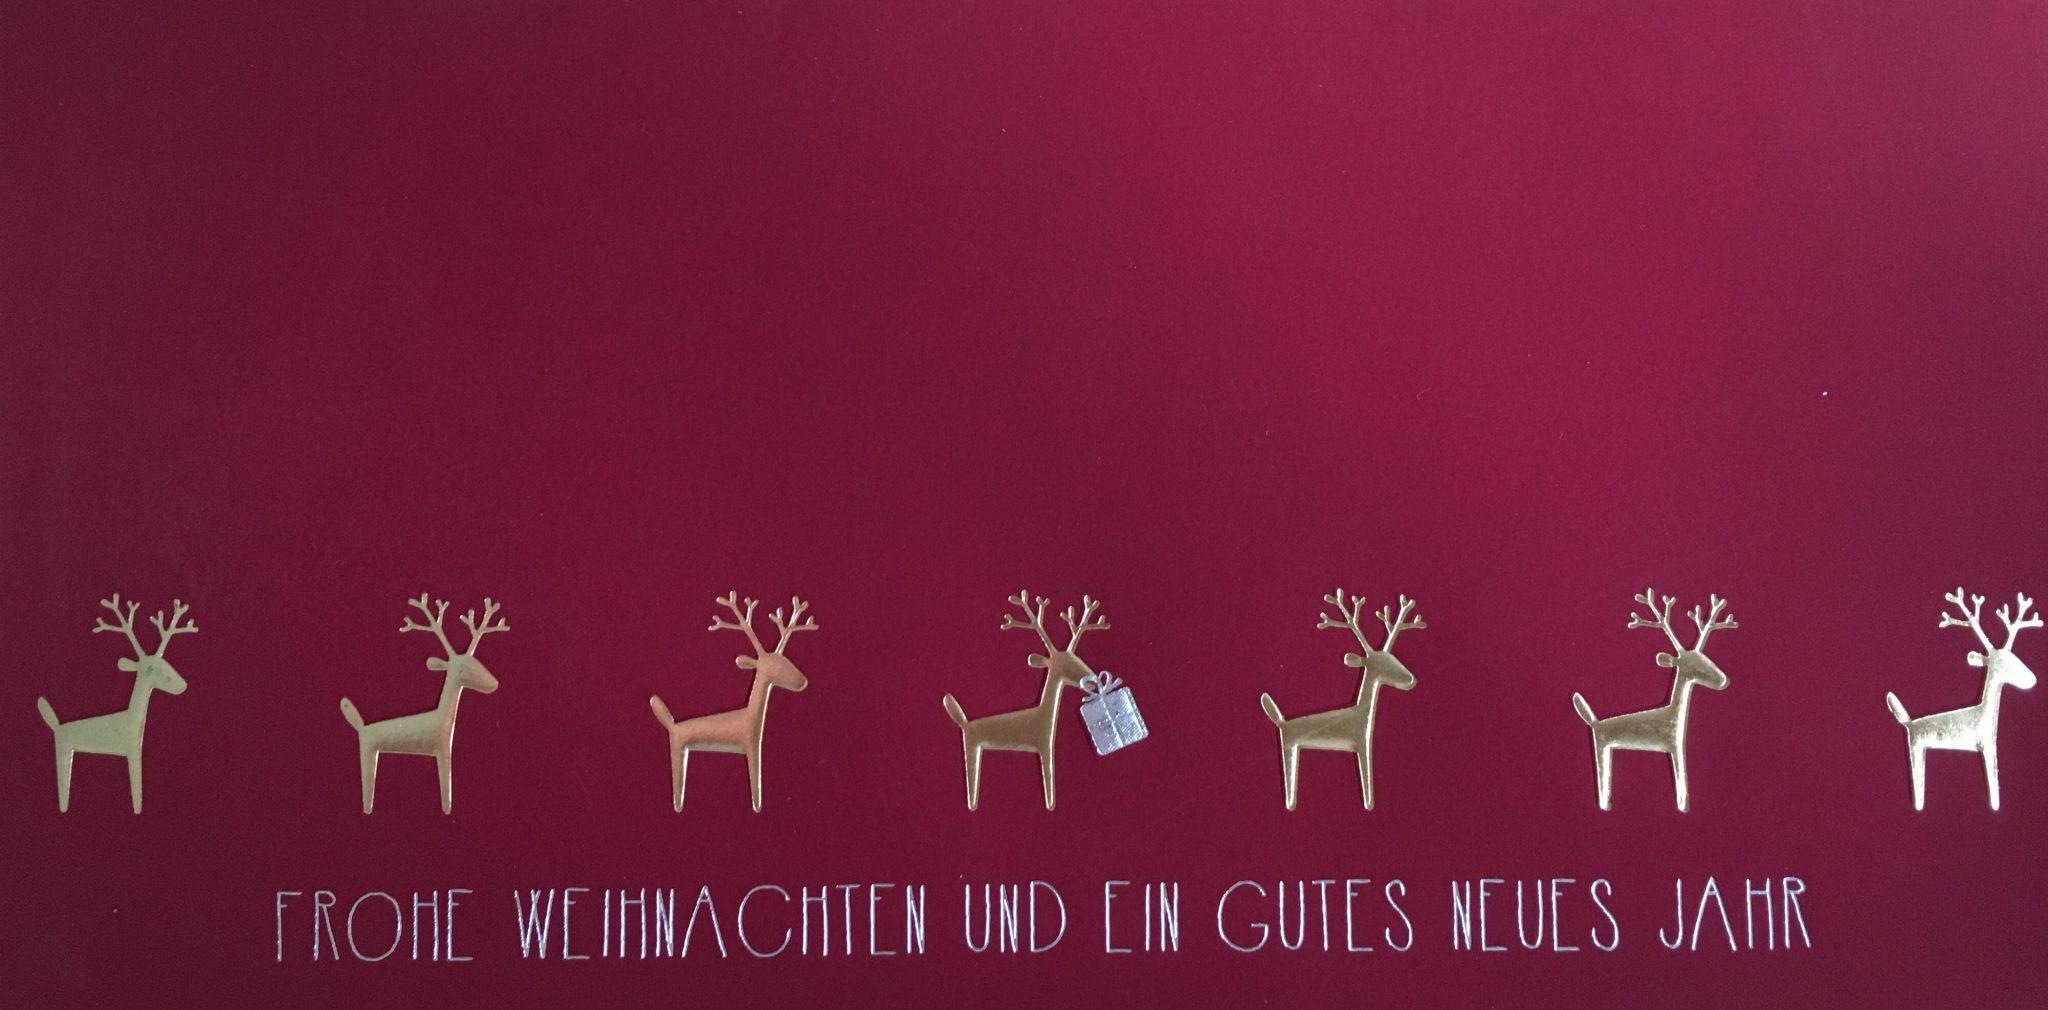 Weihnachtsgrüße iProCon GmbH 2018